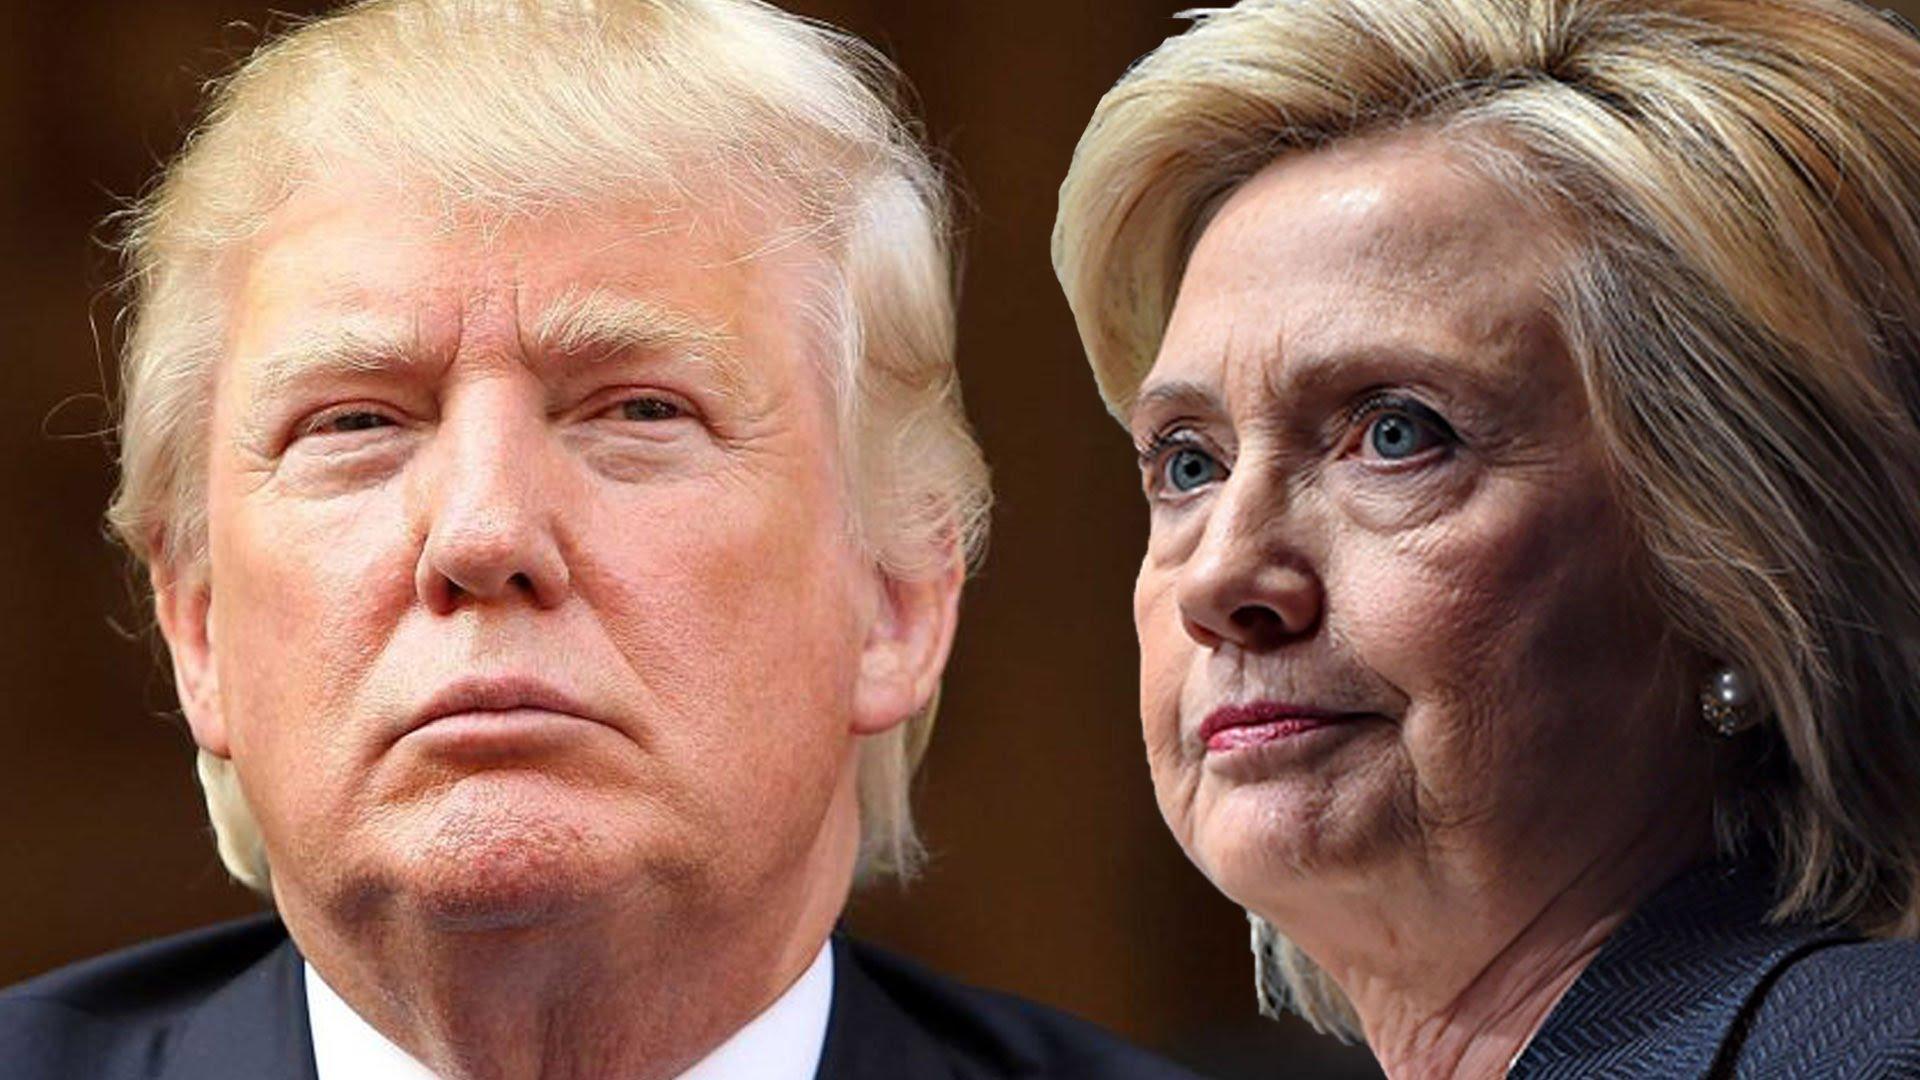 بعد سباق محتدم مع كلينتون ..الأمريكيون يختارون ترامب رئيسا للولايات المتحدة